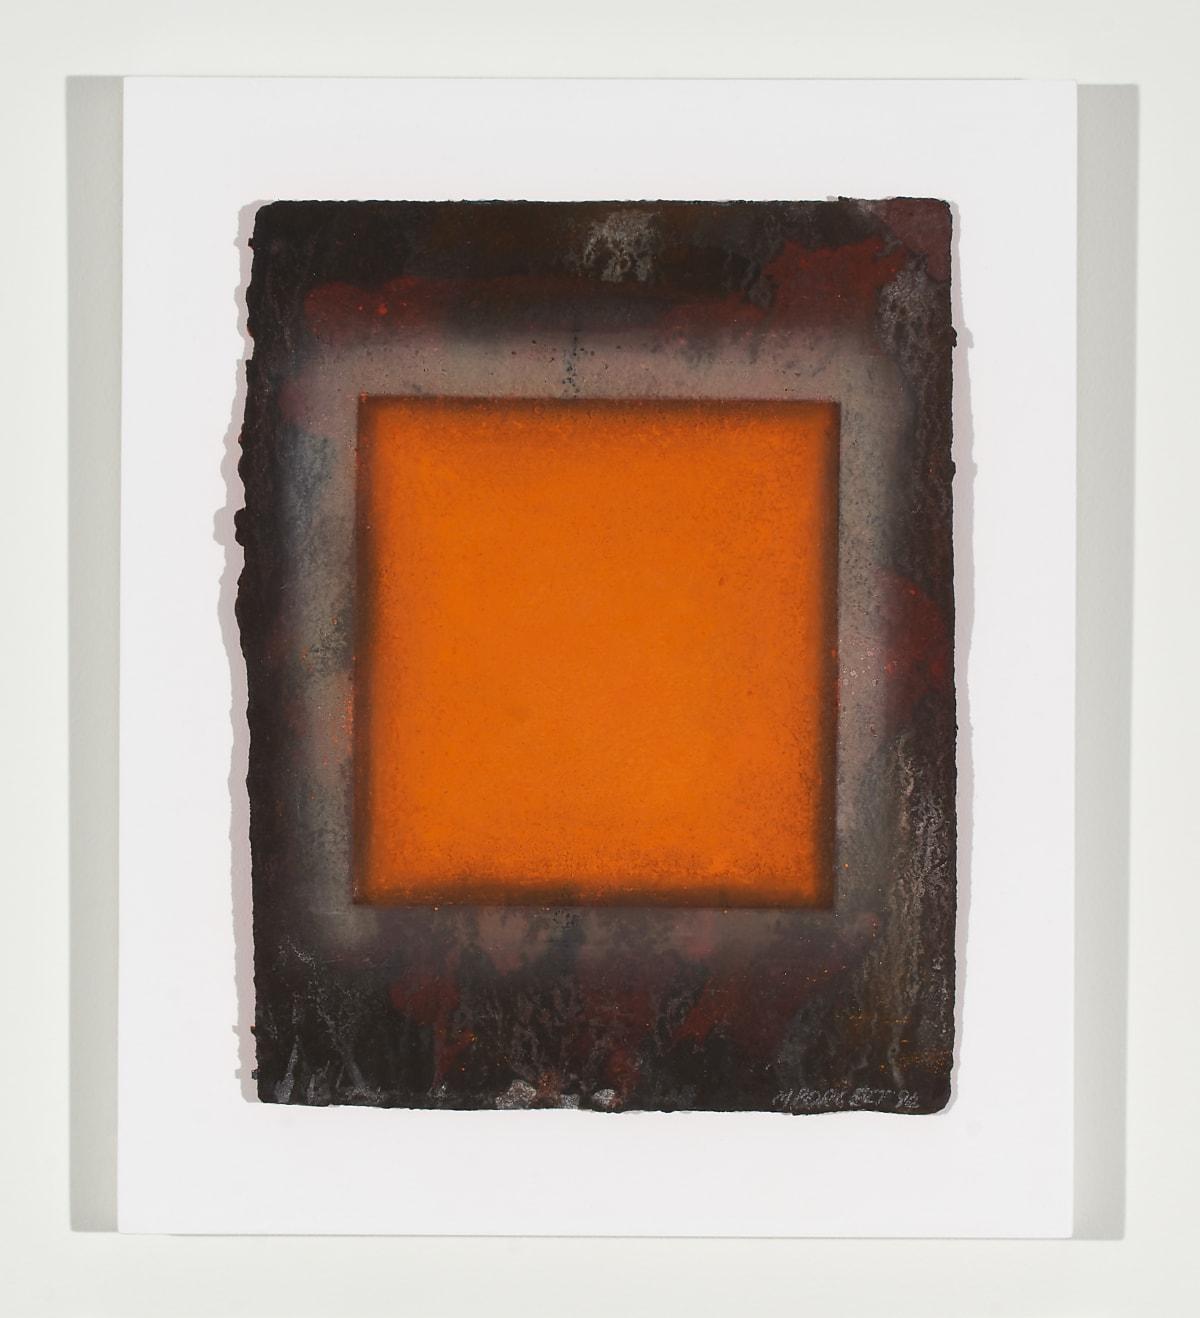 Marion Borgelt Orange Leaf: No 2, 1994 pigment on handmade paper in Perspex box 40.5 x 33.5 x 5 cm